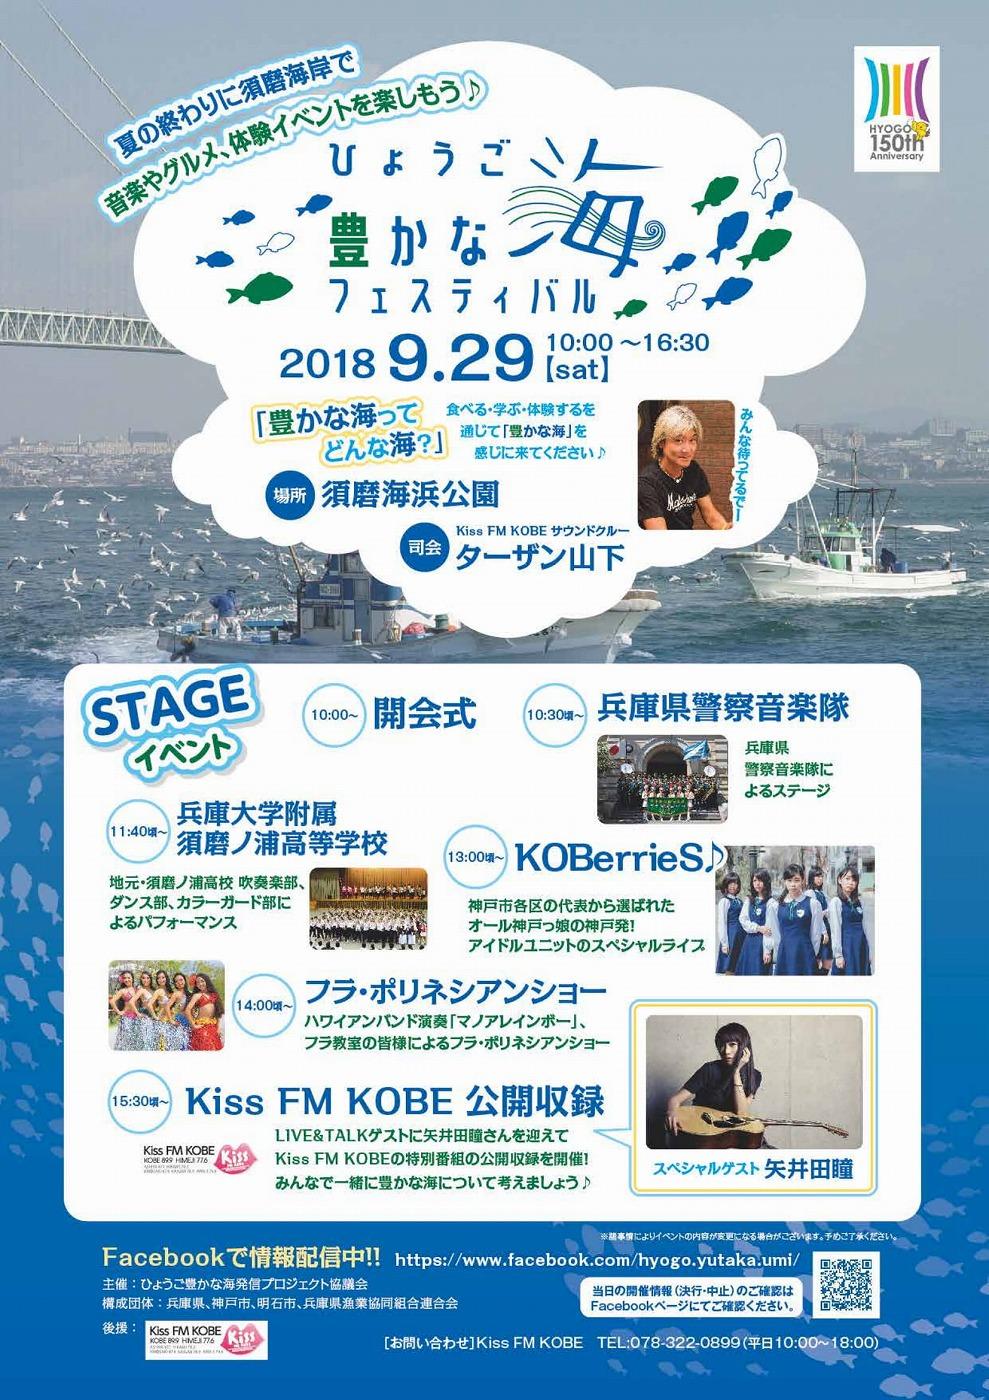 【※中止になりました】神戸・須磨海浜公園で9/29(土)「ひょうご豊かな海フェスティバル」が開催! KOBerrieS♪やスペシャルゲストに矢井田瞳さんが登場するよ! #ひょうご豊かな海フェスティバル #須磨海岸 #ターザン山下 #KOBerrieS #矢井田瞳 #須磨区 #KissFMKOBE